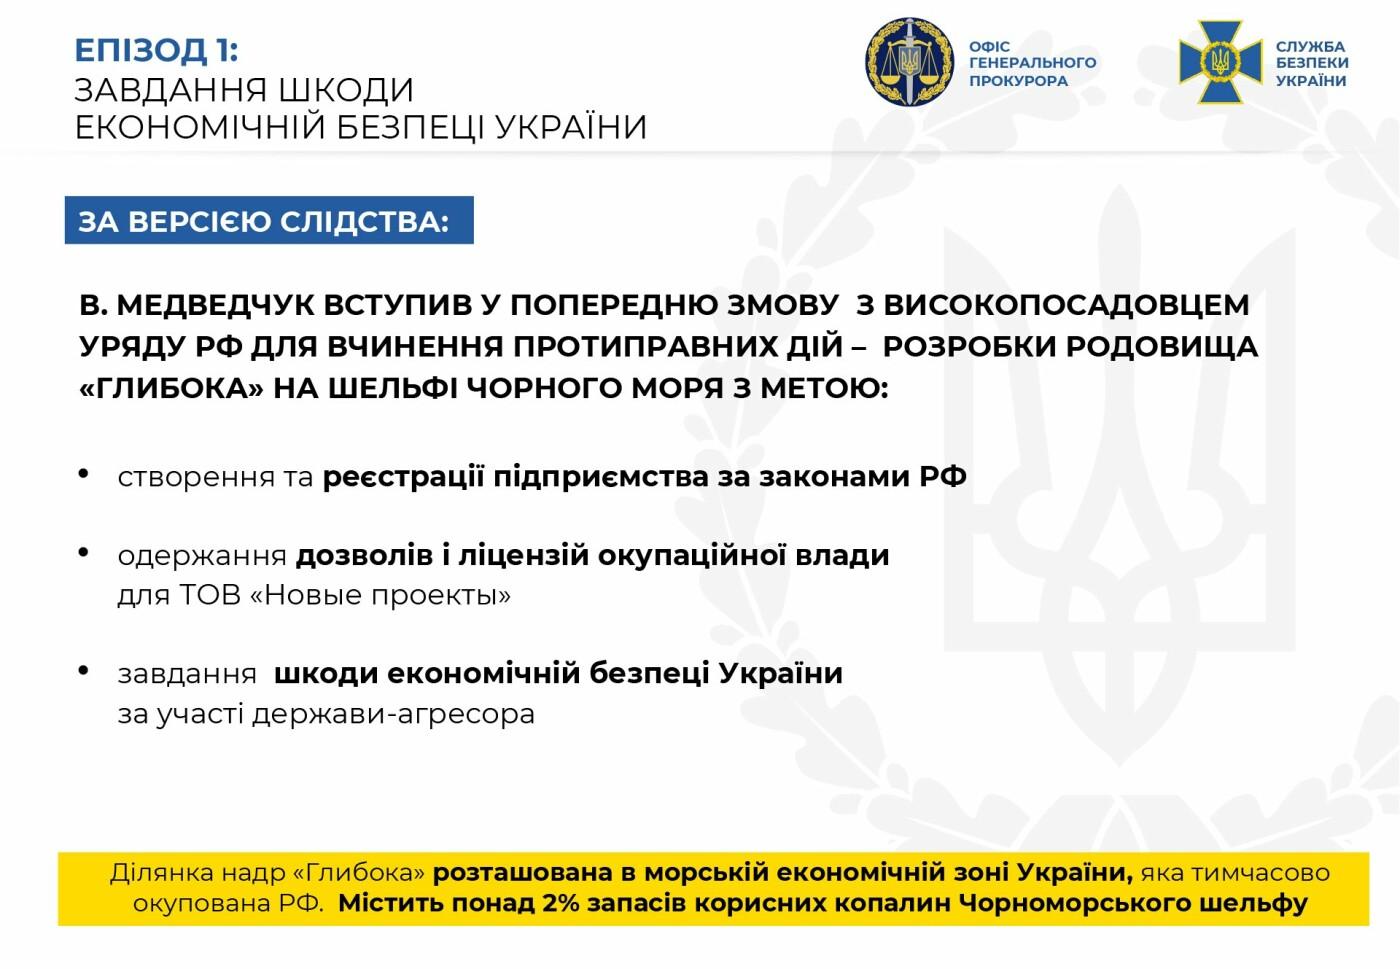 Передача секретных данных о ВСУ и разграбление ресурсов в Крыму: СБУ рассказала подробности подозрения в госизмене Медведчука, - ФОТО, ВИДЕО, фото-2